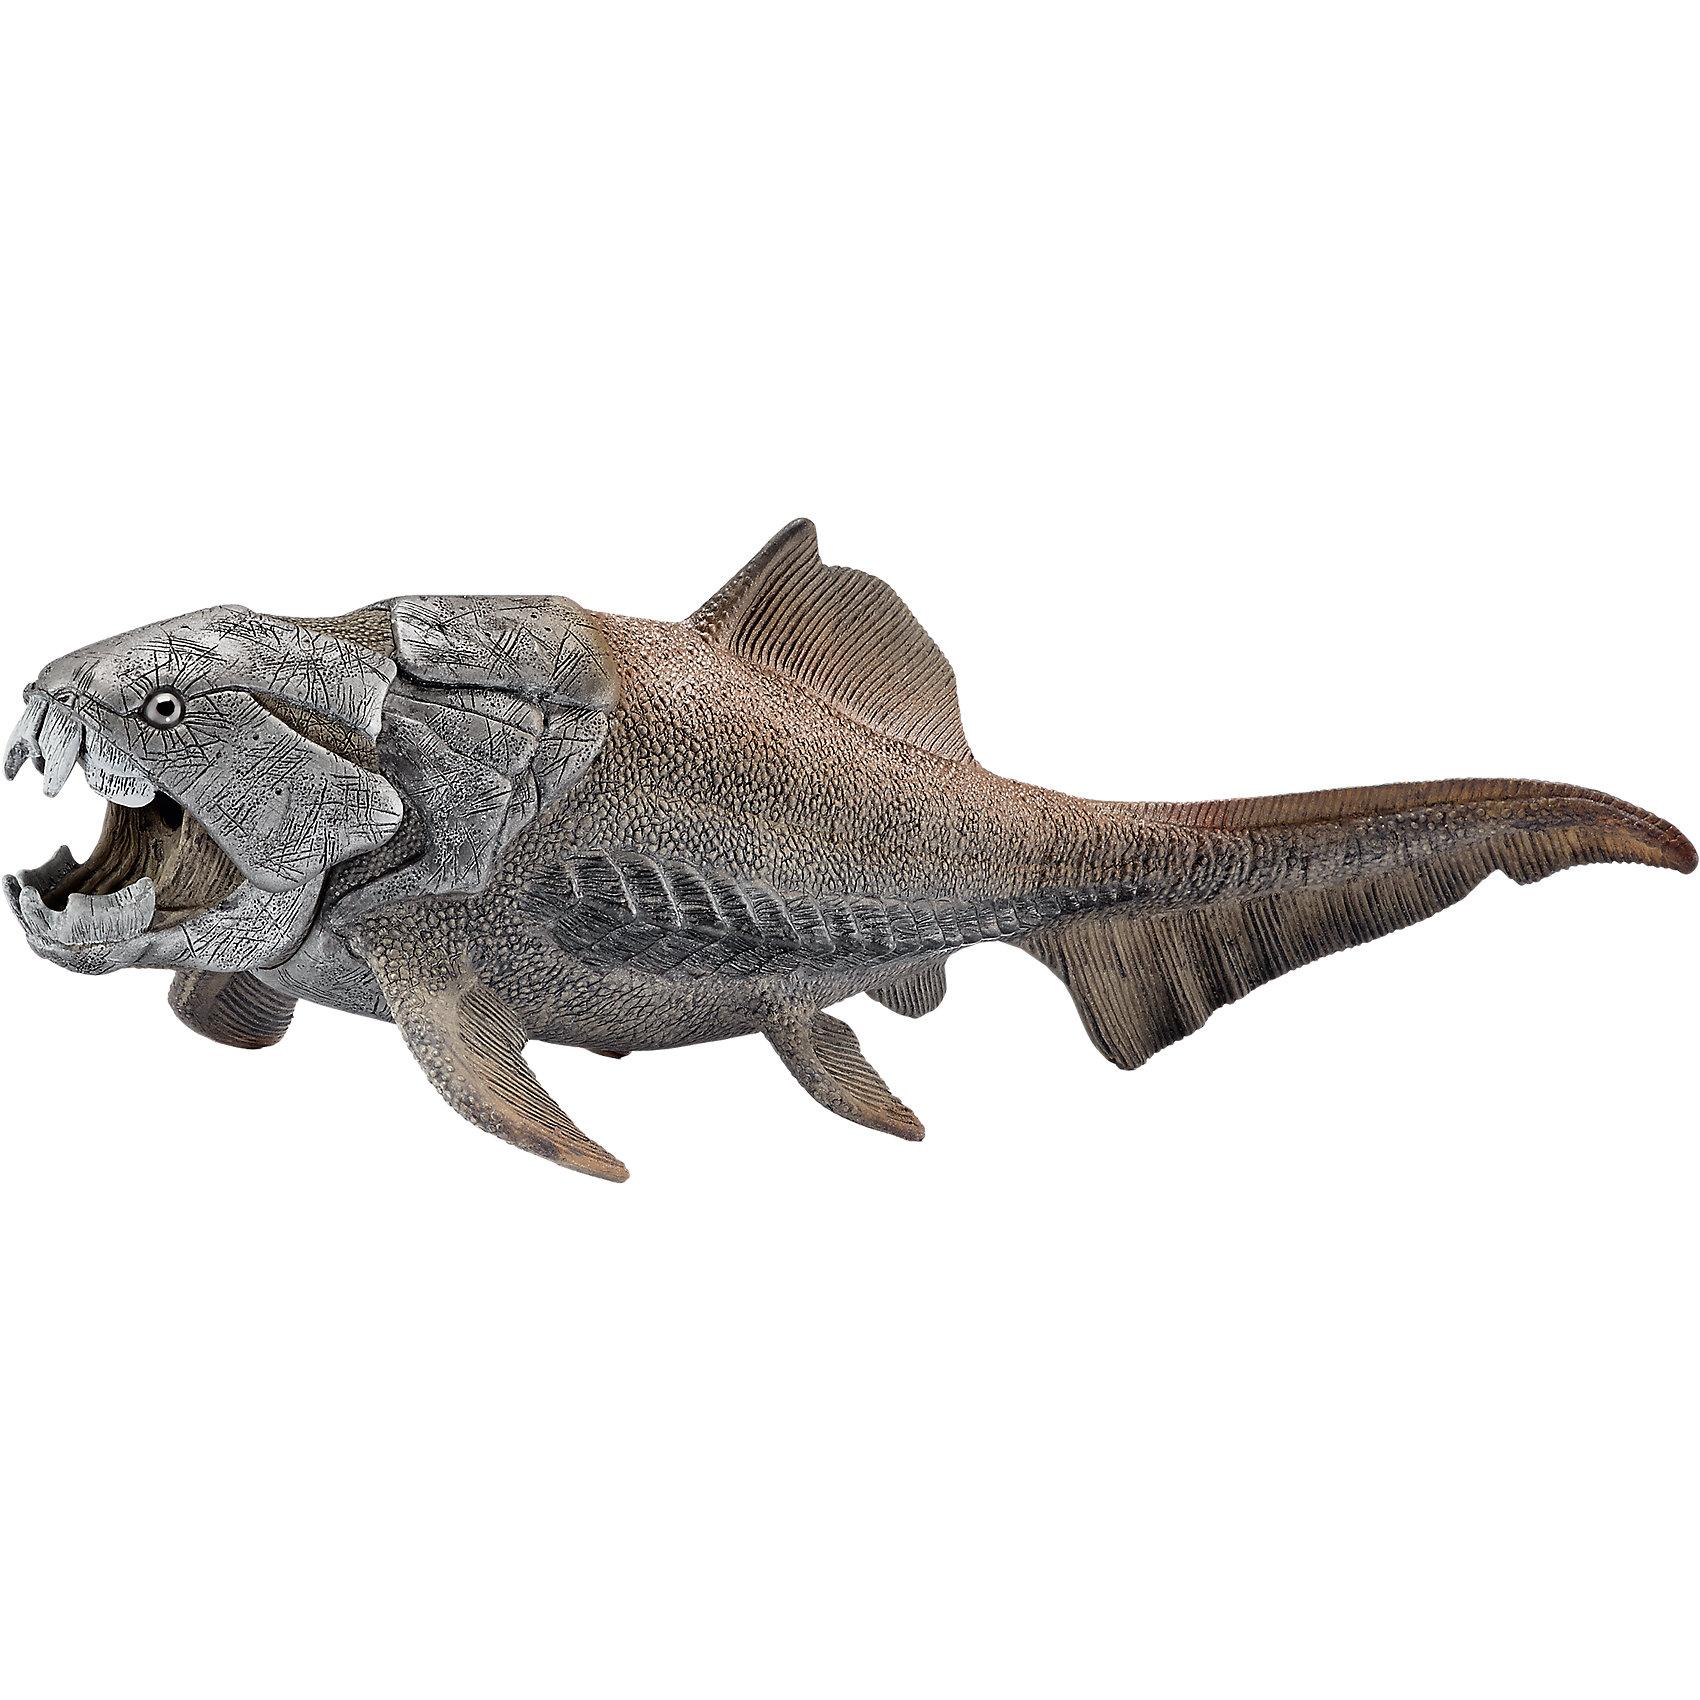 Дунклеостеус, SchleichДраконы и динозавры<br>Дунклеостеус, Schleich – отличное пополнение коллекции динозавров или ее начала.<br>Если ребенок увлекается динозаврами, то Дунклеостеус станет отличным подарком для него. Такой вид динозавров жил 415-360 миллионов лет назад. Фигурка в точности повторяет воспроизведенное строение Дунклеостеуса. Изготовлена она из качественного материала, который безопасен для детей и не вызывает аллергии.<br><br>Дополнительная информация:<br><br>- возраст: от 3 лет<br>- материал: каучук, пластик<br>- размер: 21.3 x 6.9 x 8.6 см<br>- страна: Германия.<br><br>Дунклеостеуса, Schleich можно купить в нашем интернет магазине.<br><br>Ширина мм: 187<br>Глубина мм: 81<br>Высота мм: 76<br>Вес г: 135<br>Возраст от месяцев: 60<br>Возраст до месяцев: 144<br>Пол: Мужской<br>Возраст: Детский<br>SKU: 4662503